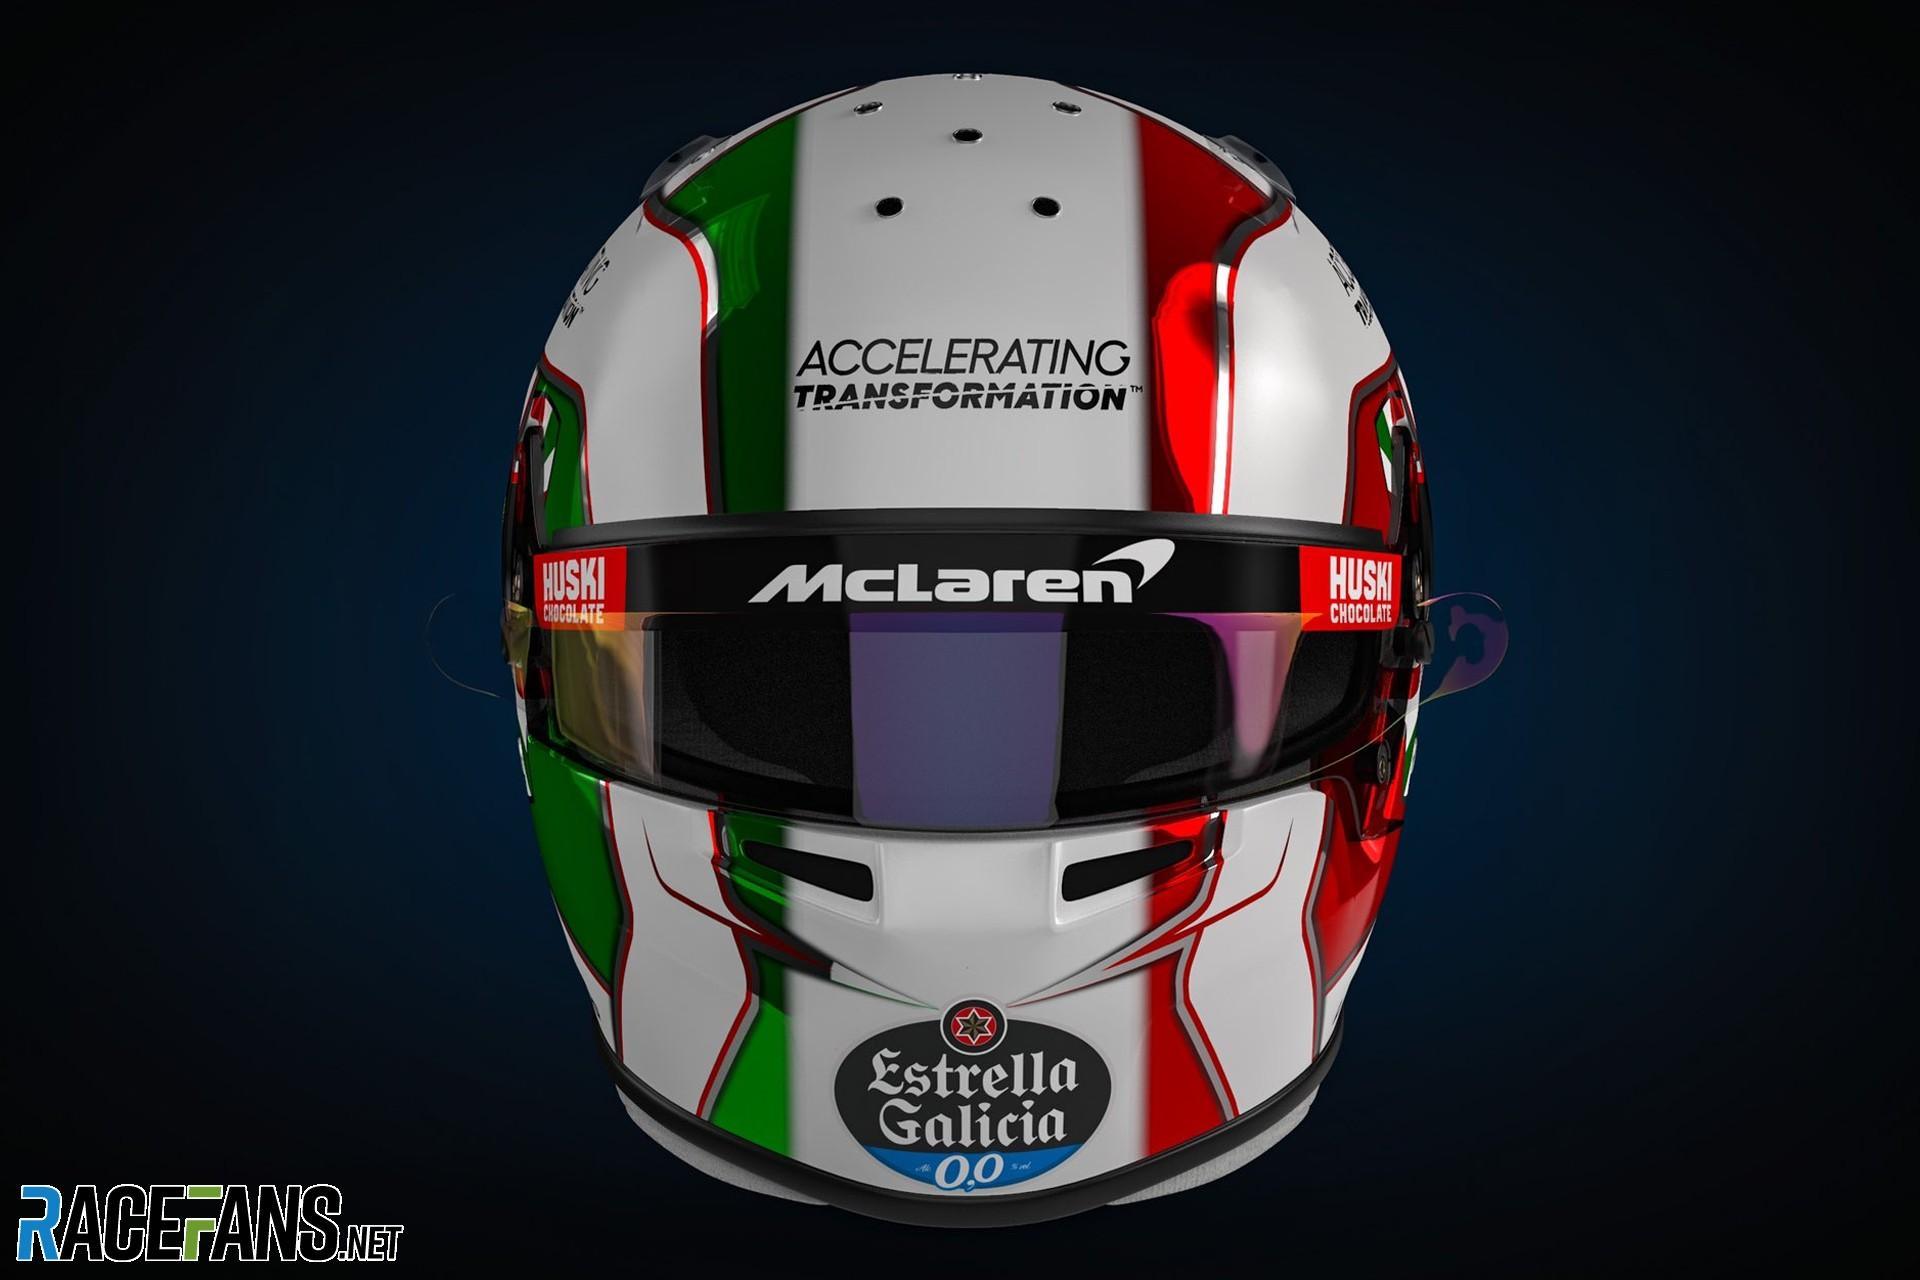 Lando Norris's Emilia-Romagna Grand Prix helmet, 2020